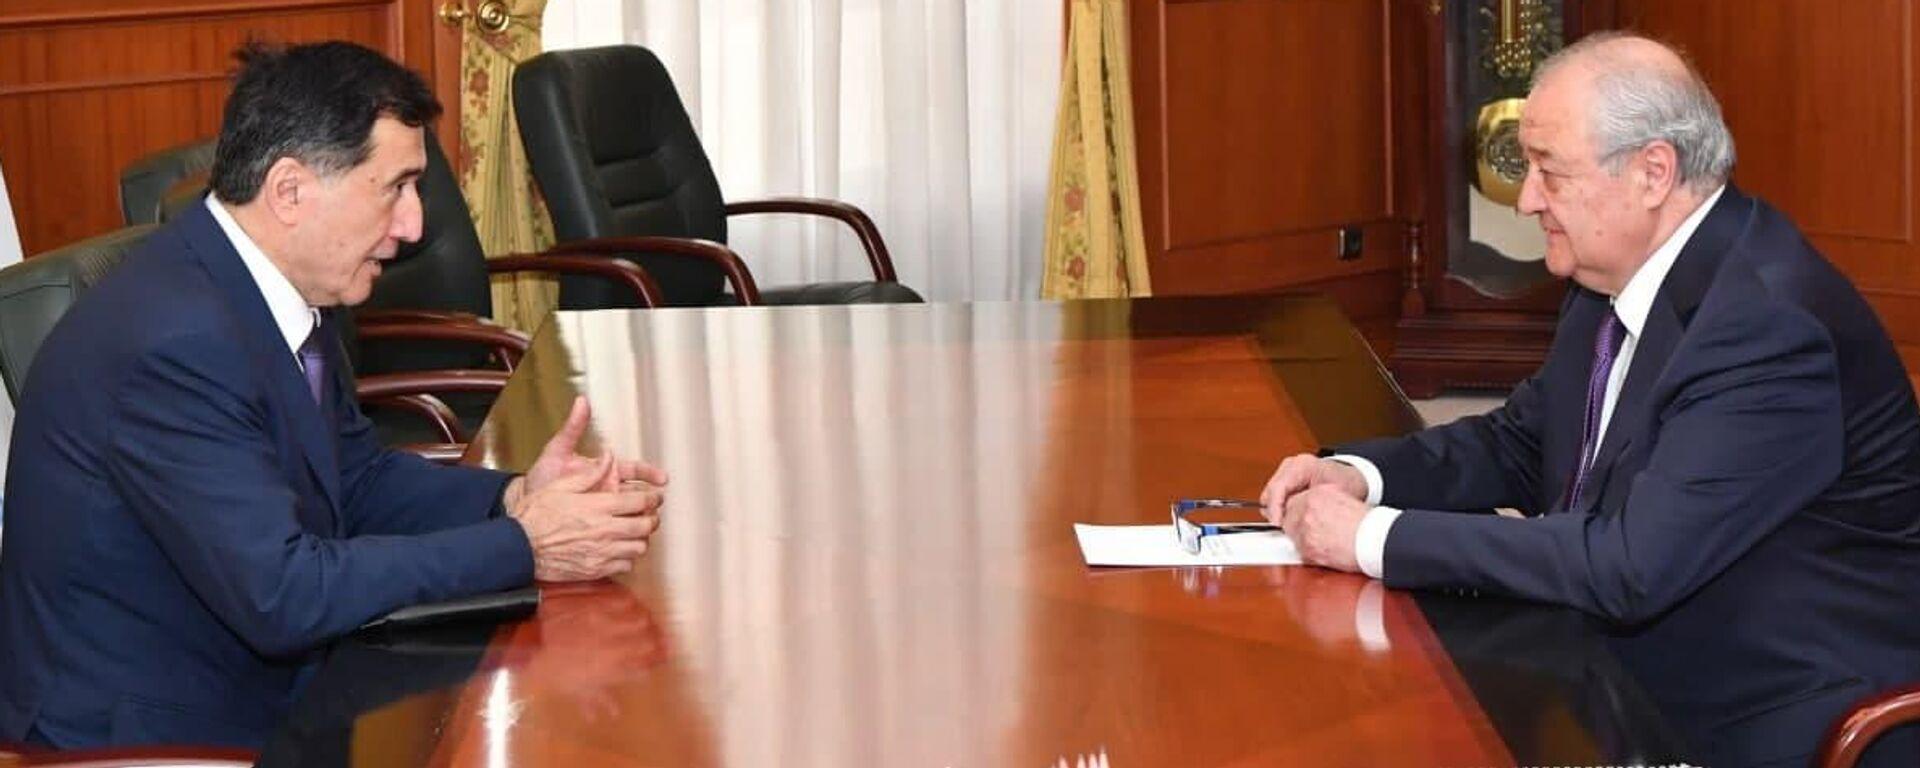 Генсек ШОС обсудил с Камиловым проведение международной конференции в Ташкенте - Sputnik Узбекистан, 1920, 06.07.2021